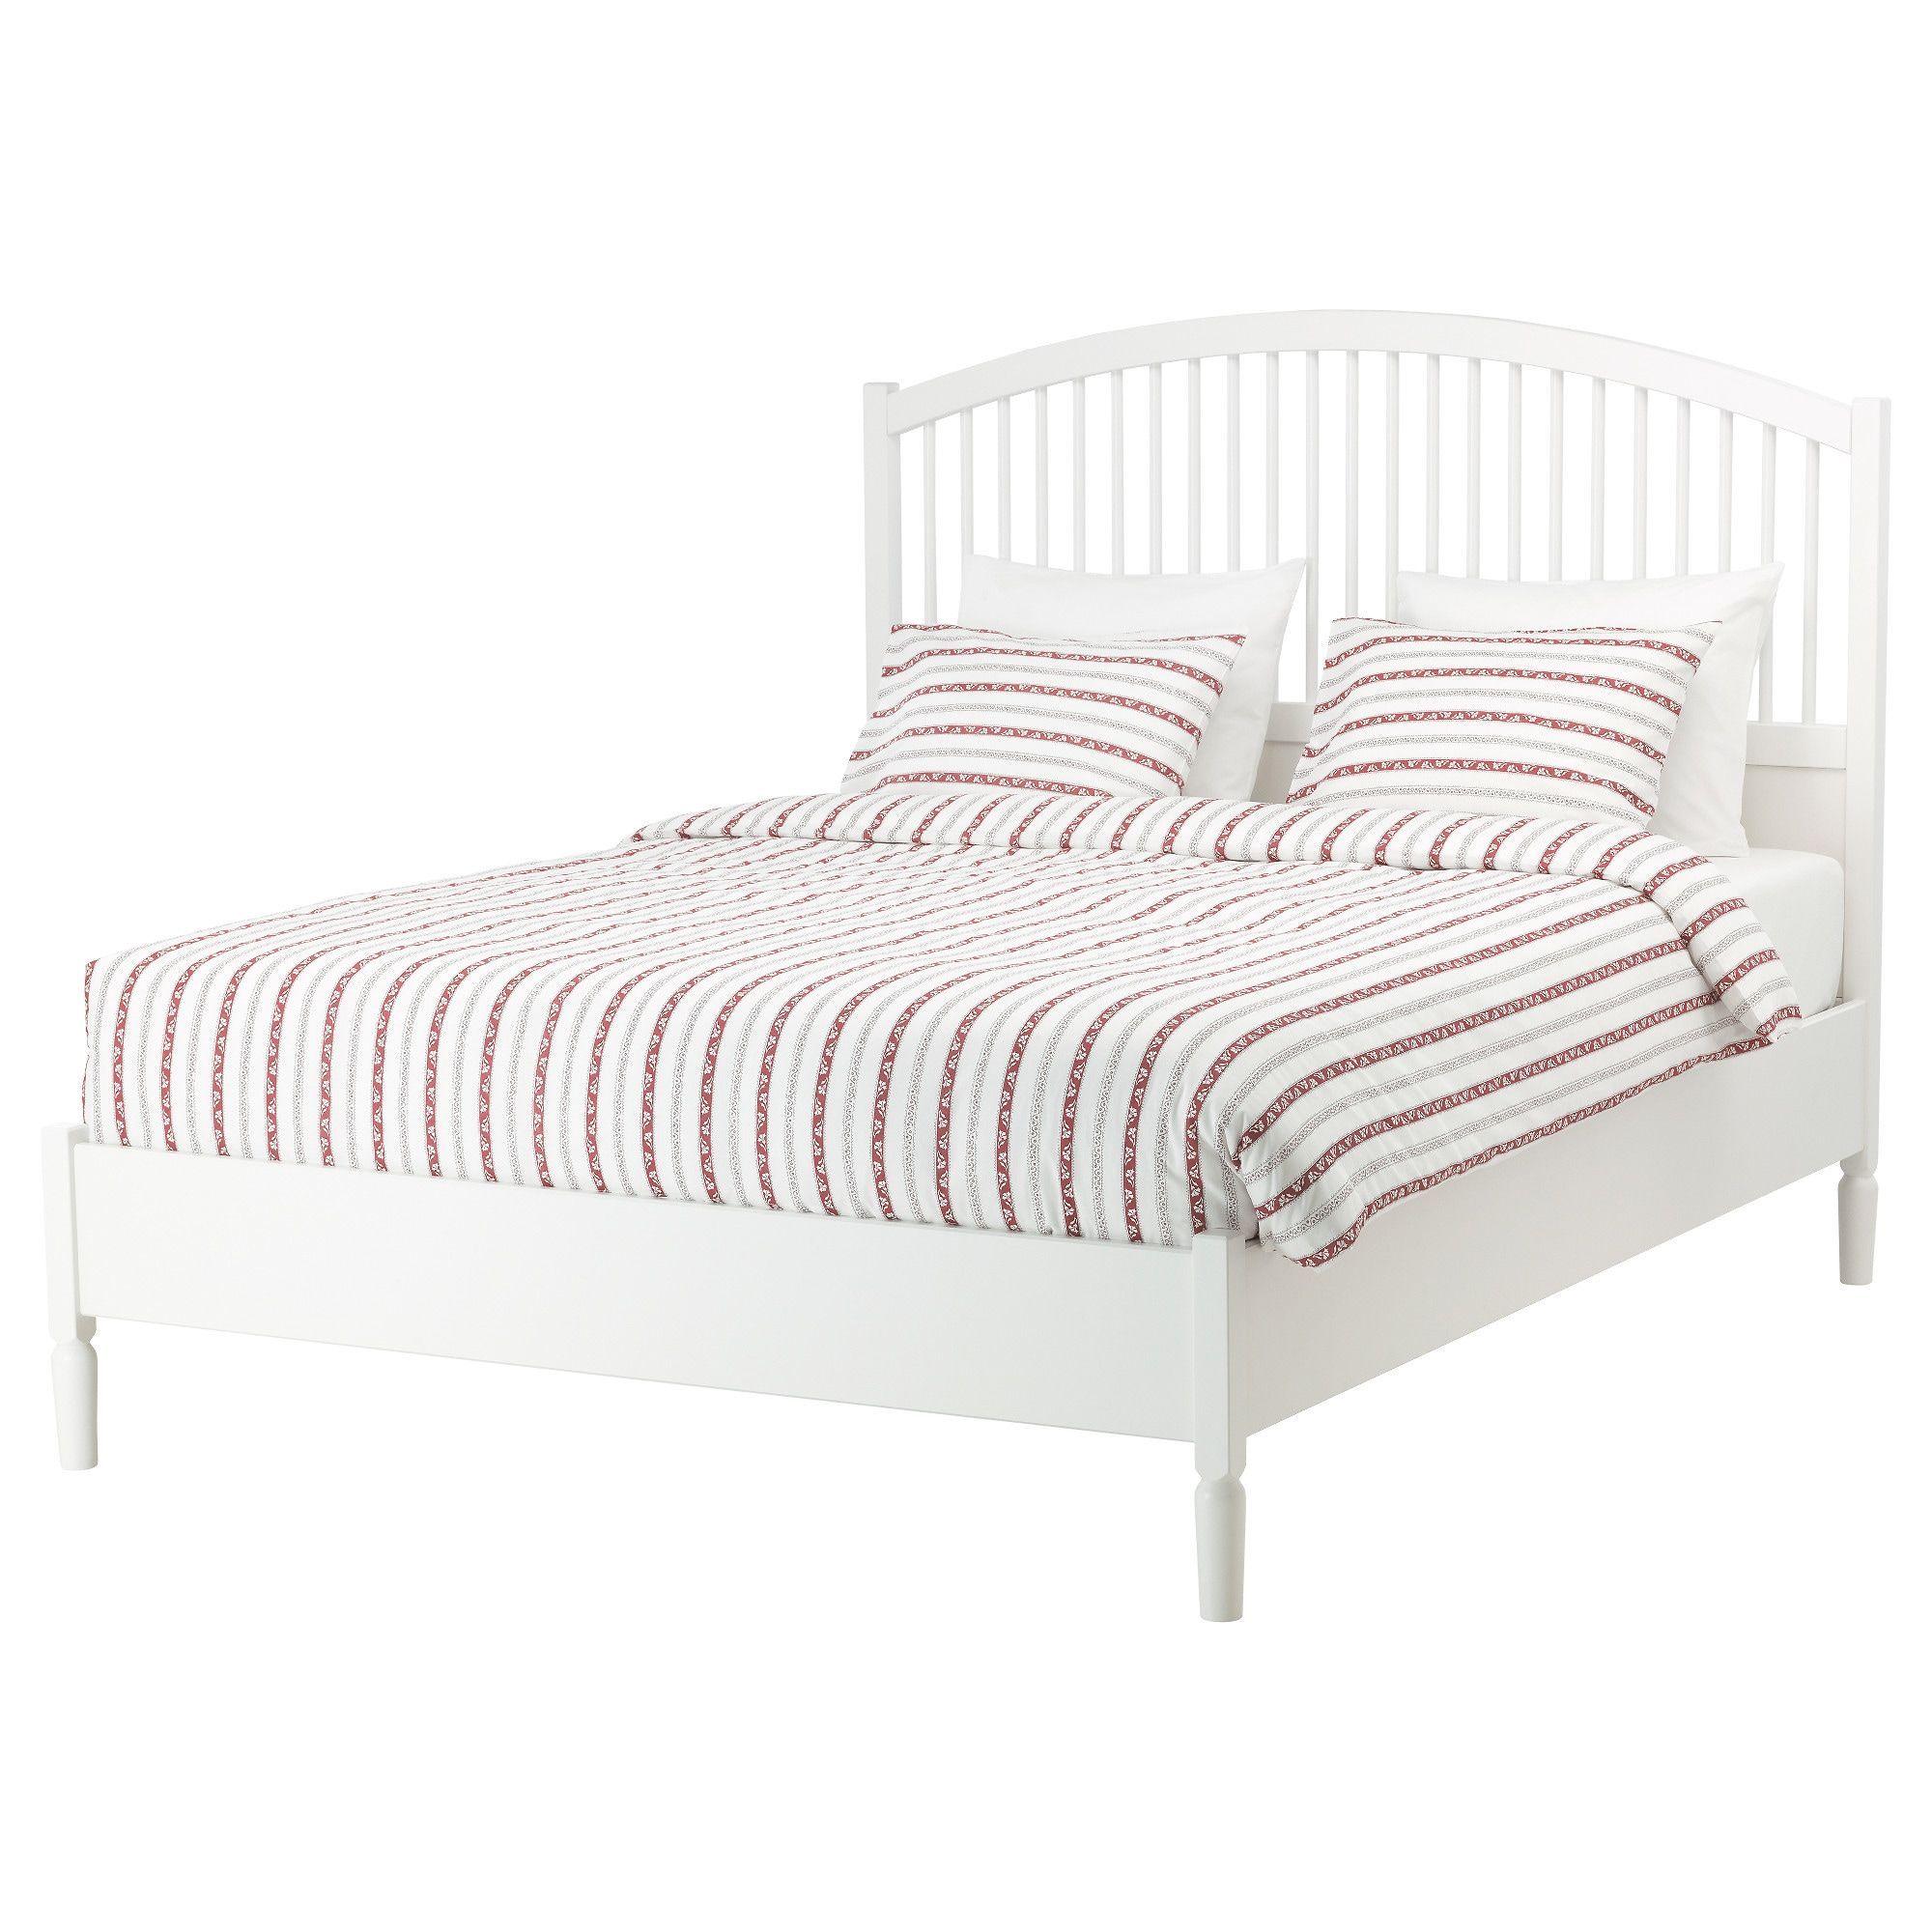 TYSSEDAL Bed frame white Full Ikea bed frames, Ikea